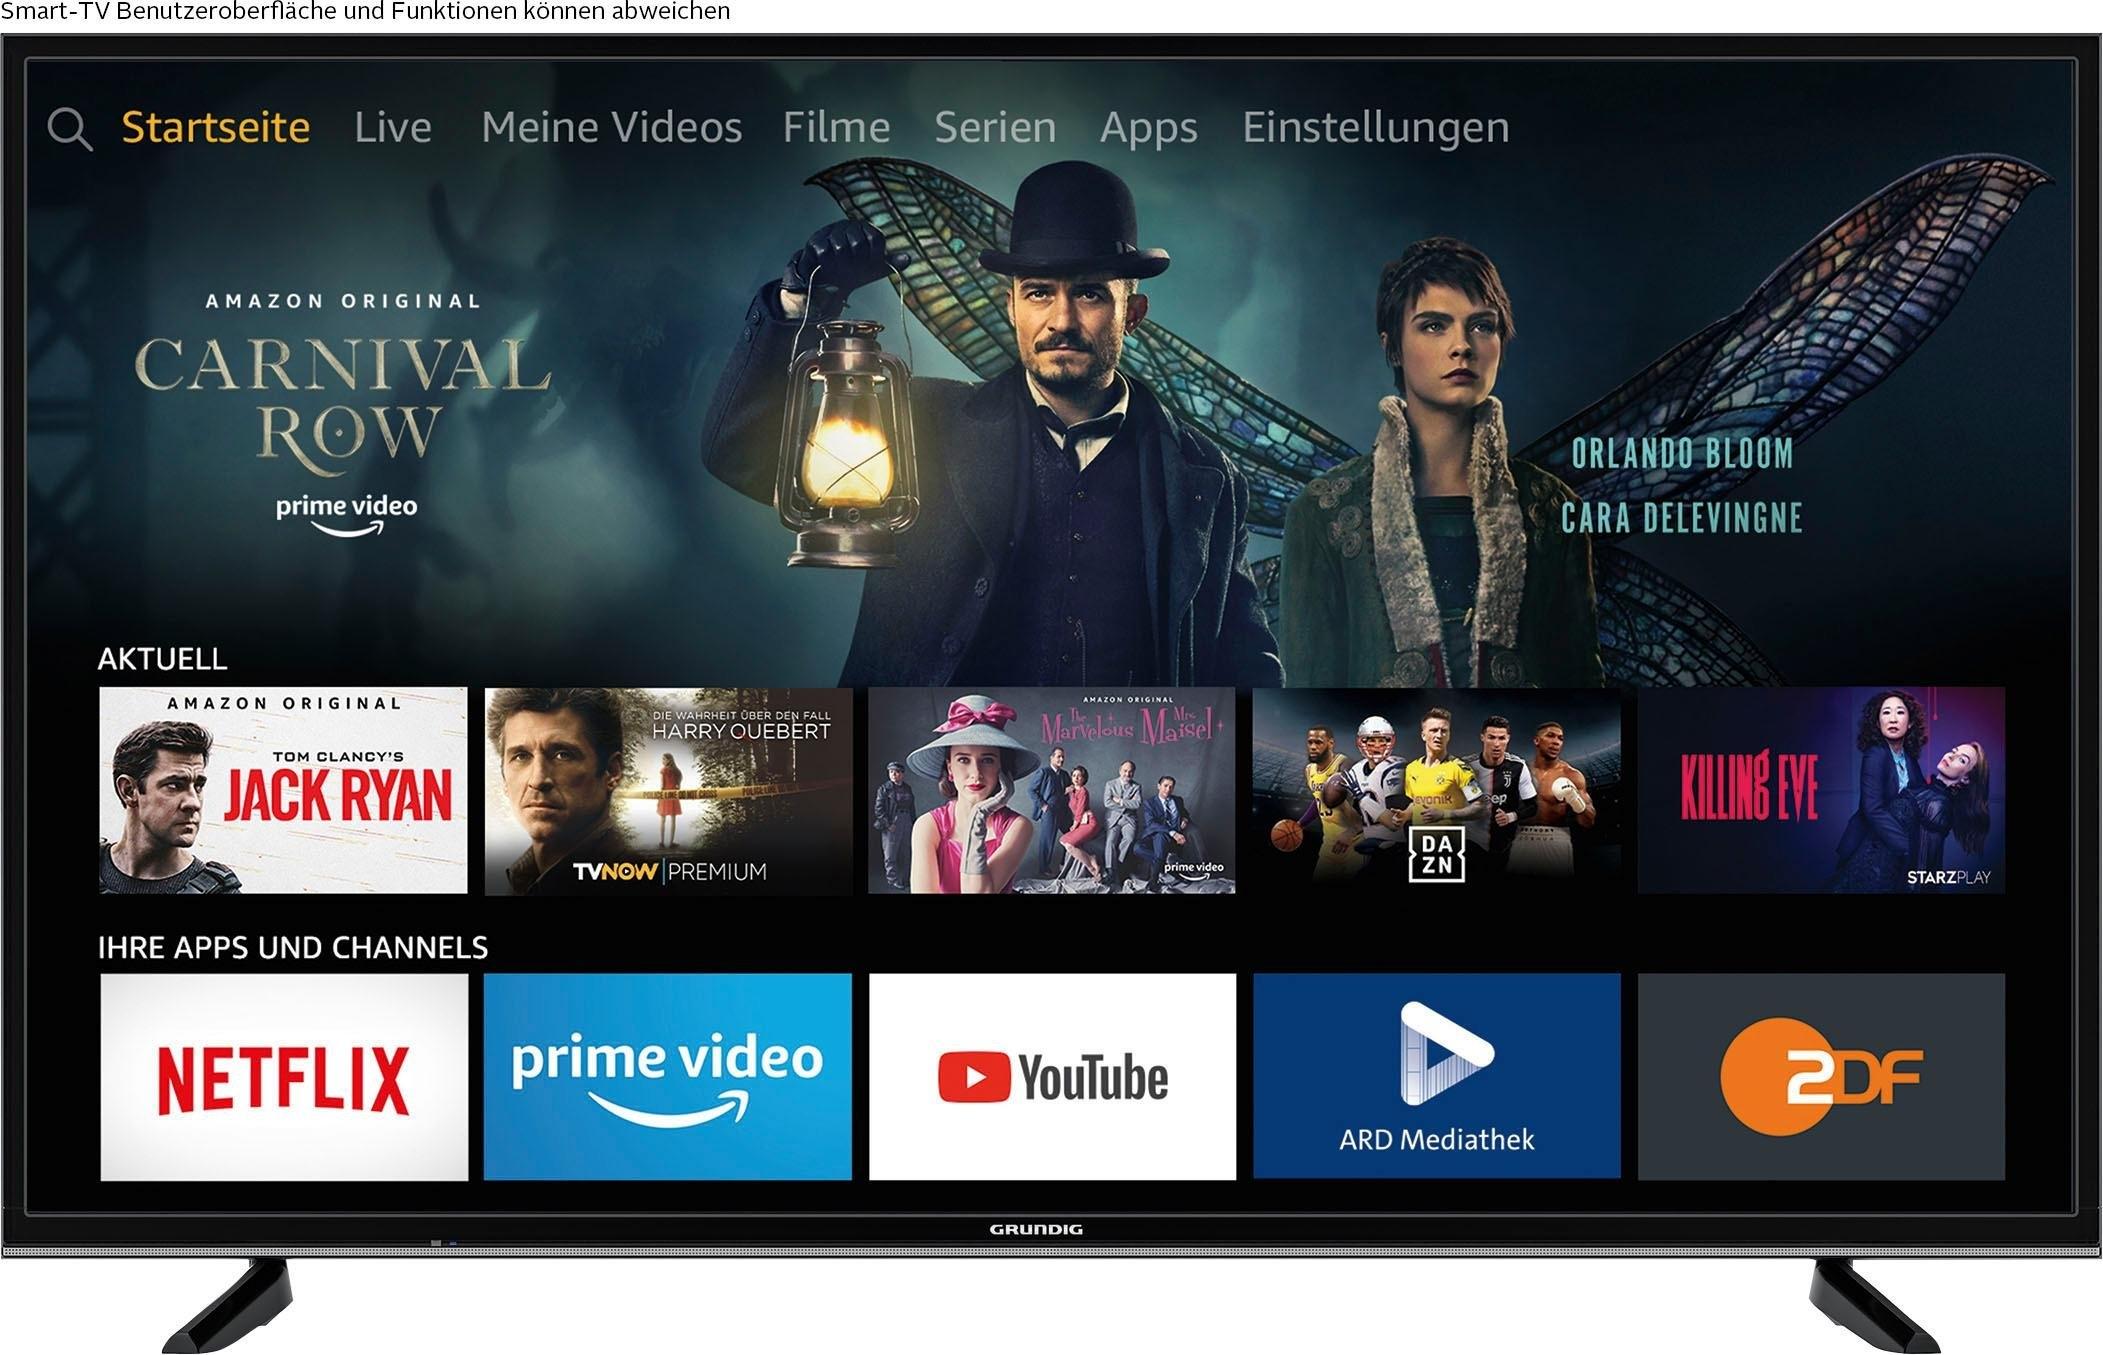 Grundig 43 VLX 7020 led-tv (108 cm / 43 inch), 4K Ultra HD, smart-tv in de webshop van OTTO kopen